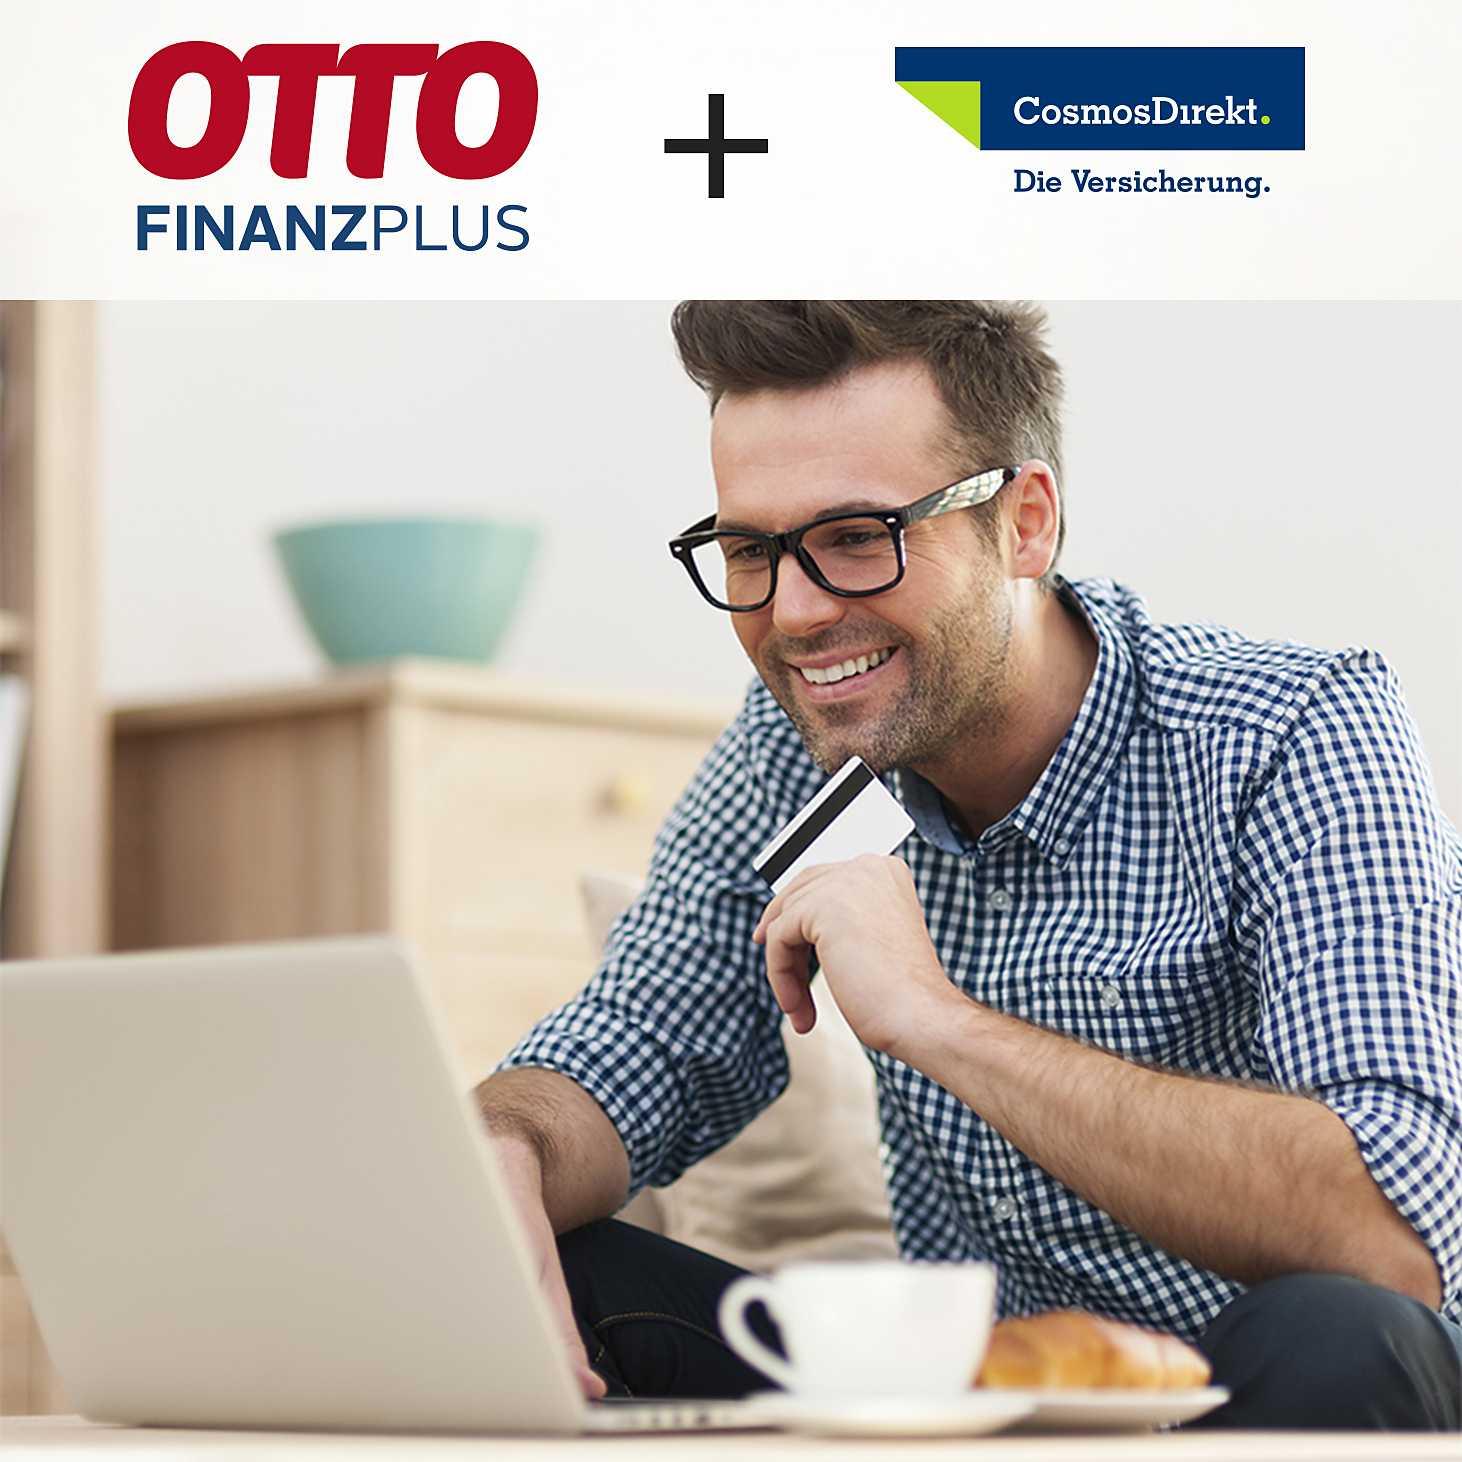 CosmosDirekt FinanzSchutz 1 Jahr gratis - mydealz.de